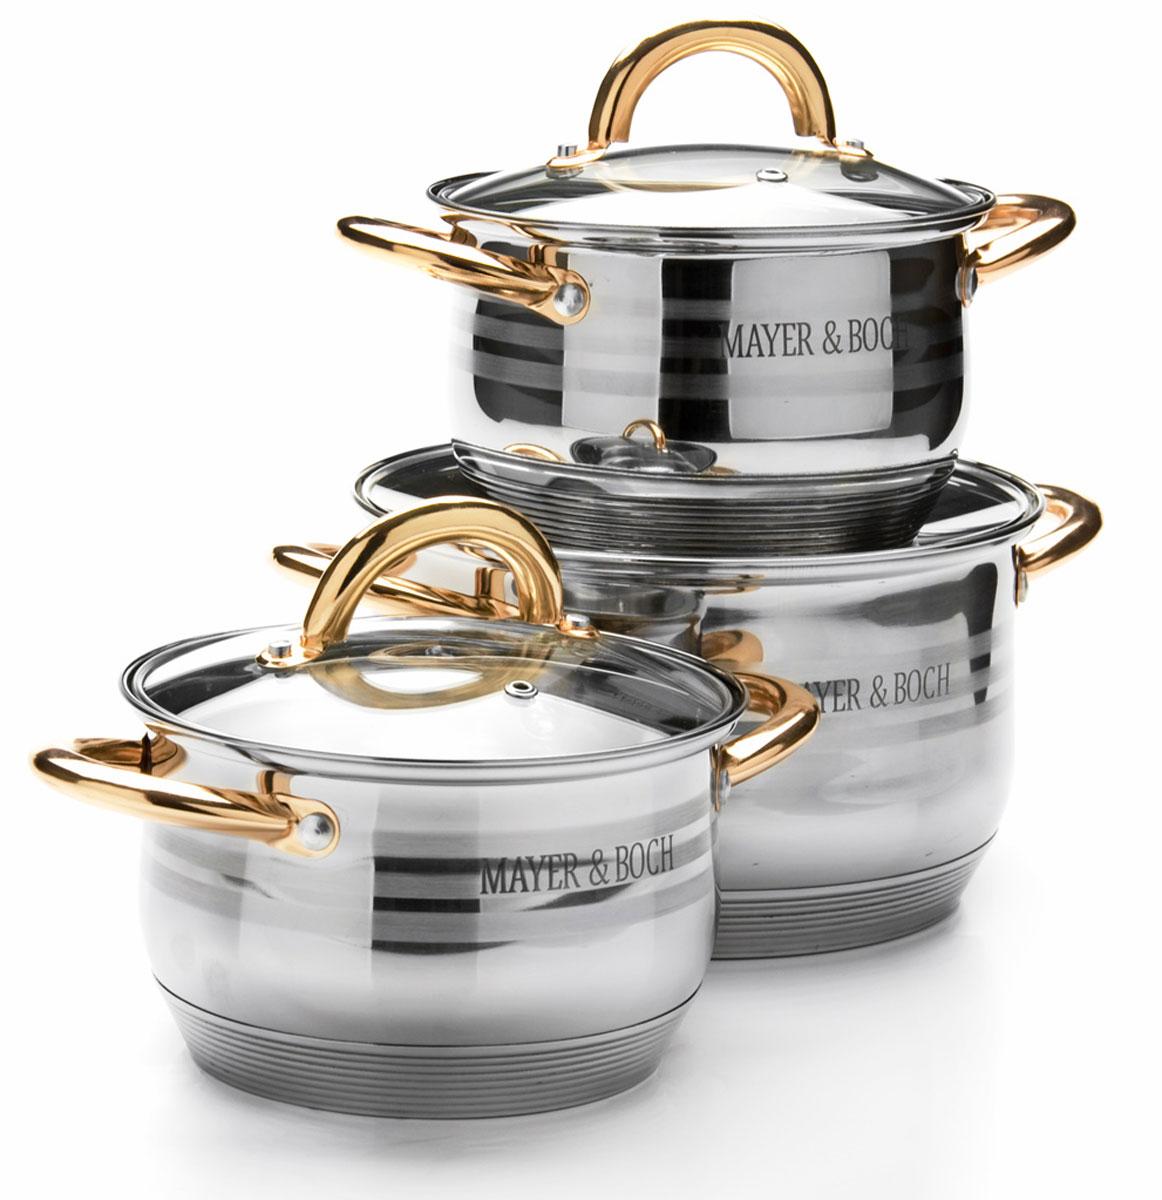 Набор посуды Mayer & Boch, 6 предметов. 2567025670Набор посуды Mayer & Boch состоит из 3 кастрюль с крышками. Посуда выполнена из высококачественной нержавеющей стали с усиленным индукционным дном. Внешняя поверхность посуды с зеркальной полировкой декорирована матовыми полосками. Нержавеющая сталь - это экологически чистый, безопасный для здоровья материал, который не вступает в реакцию с продуктами и не искажает вкус приготовленных блюд. Изделия снабжены крышками из термостойкого стекла с паровыпуском и металлическим ободом, а также удобными ненагревающимися стальными ручками золотого цвета, что придает посуде роскошный внешний вид. Многослойное дно обеспечит быстрый нагрев продуктов и надолго сохранит тепло. Посуда подходит для использования на всех типах плит, включая индукционные. Подходит для мытья в посудомоечной машине.Объем кастрюль: 2,1 л; 2,1 л; 3,9 л